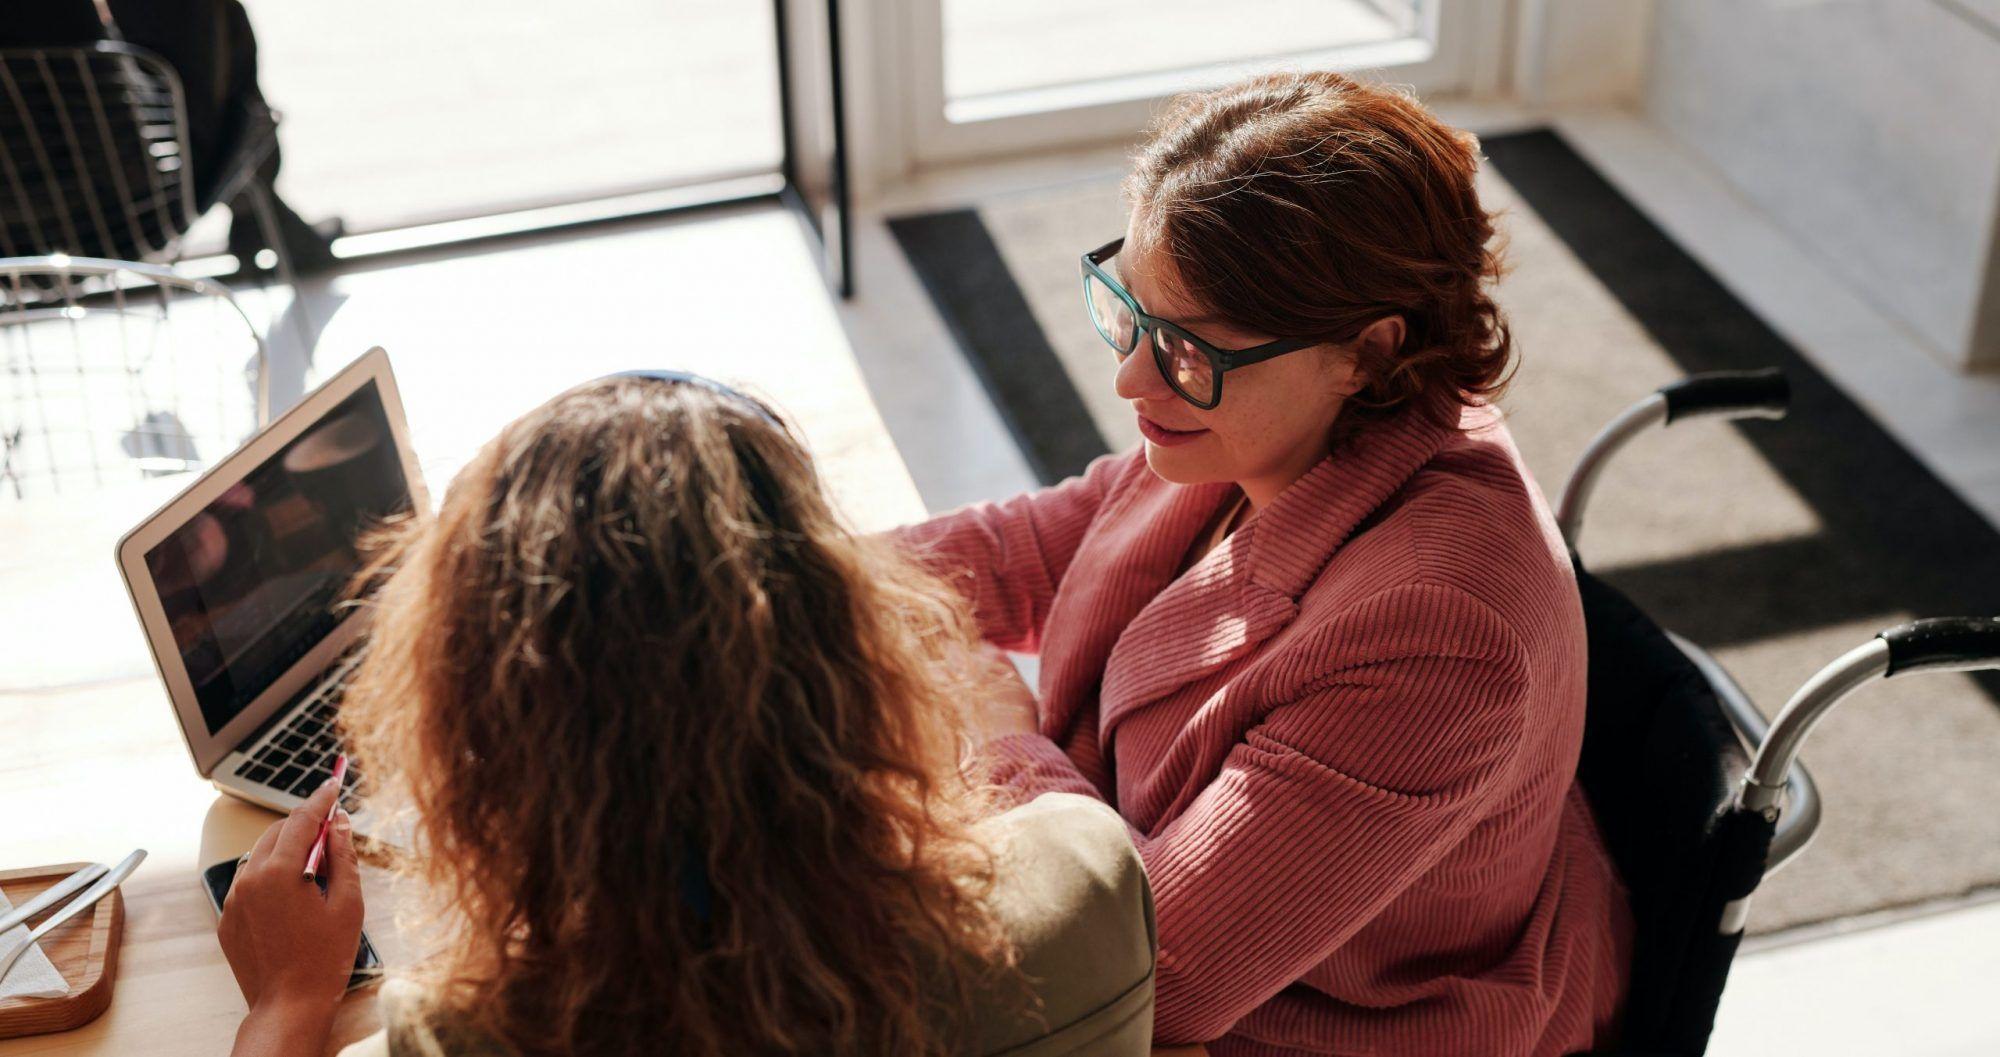 Dos mujeres hablando por una computadora, a la derecha una mujer es usuaria de silla de ruedas, a la izquierda una mujer mirando hacia atrás.